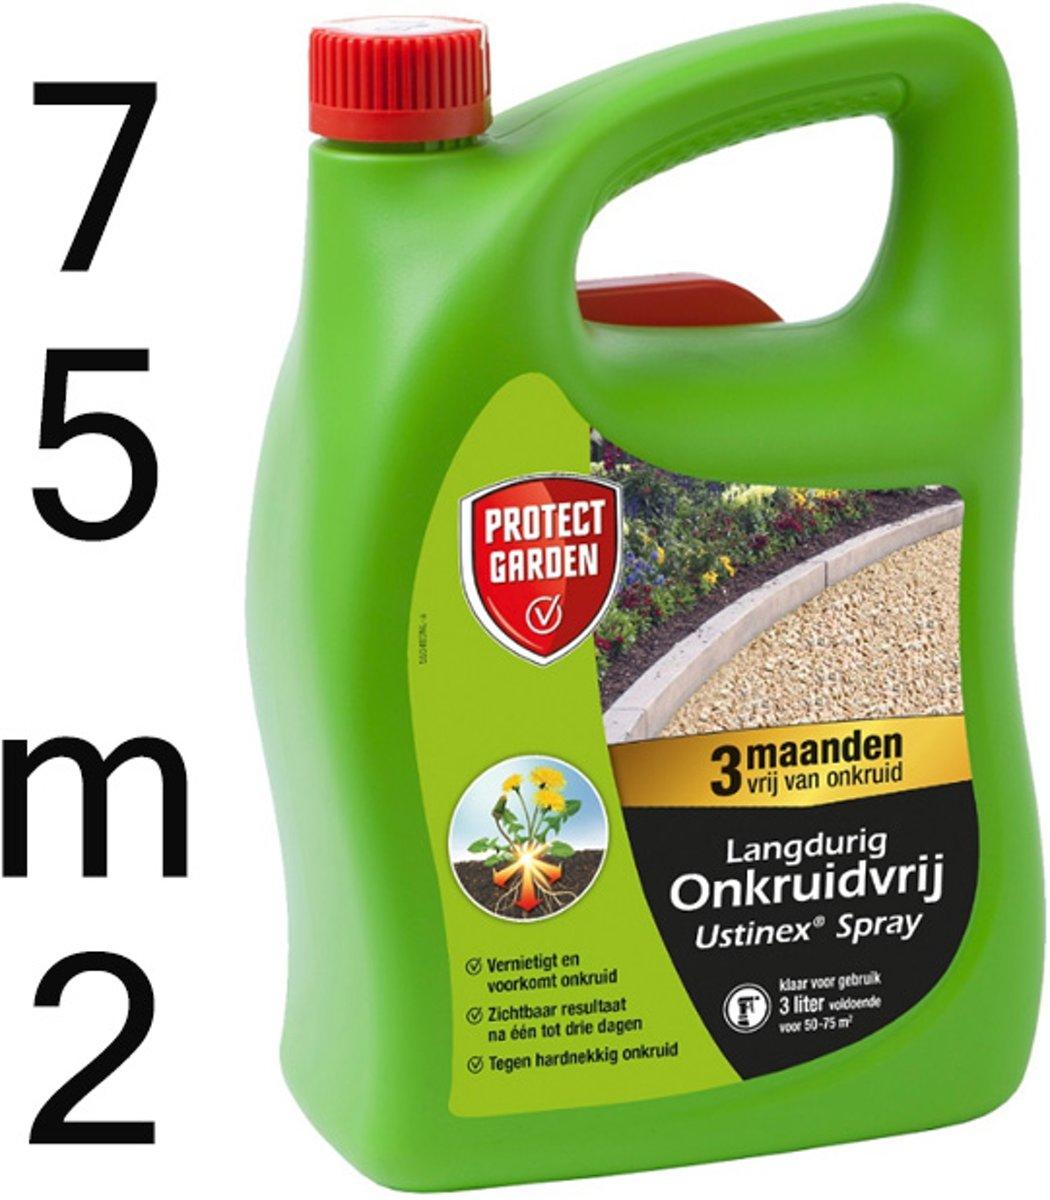 Onkruidvrij Ustinex 3 liter kant klaar